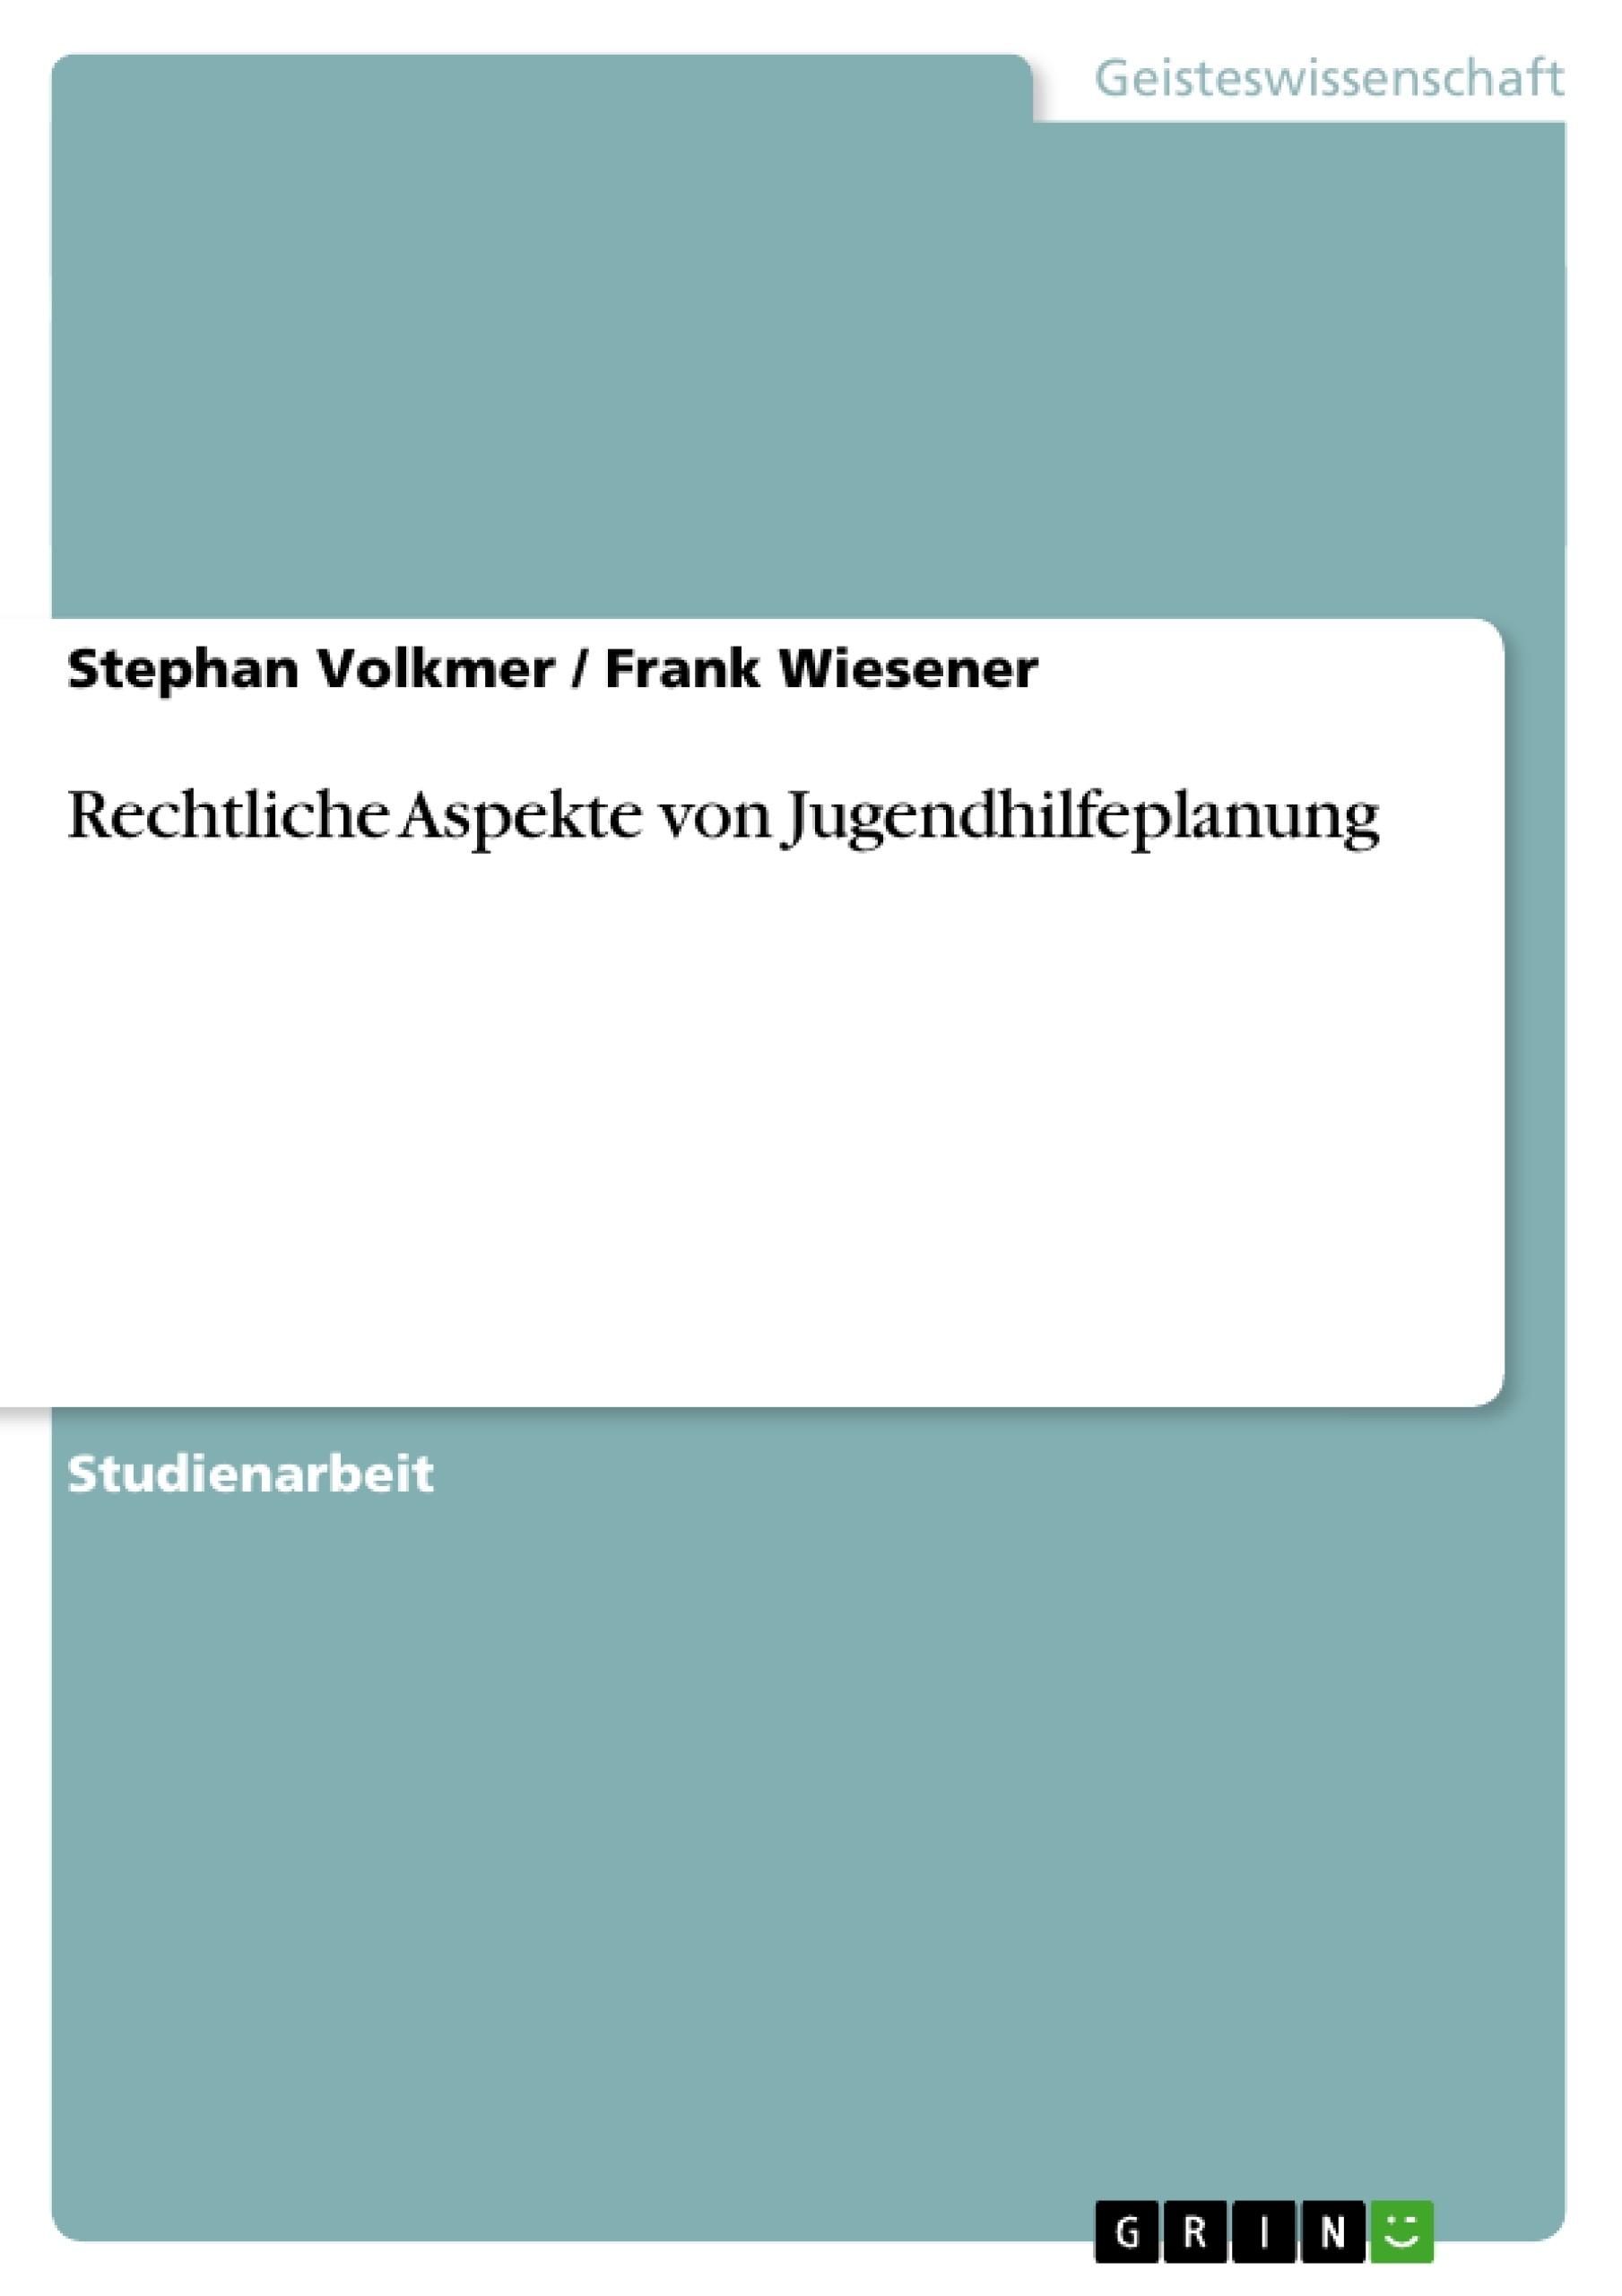 Titel: Rechtliche Aspekte von Jugendhilfeplanung